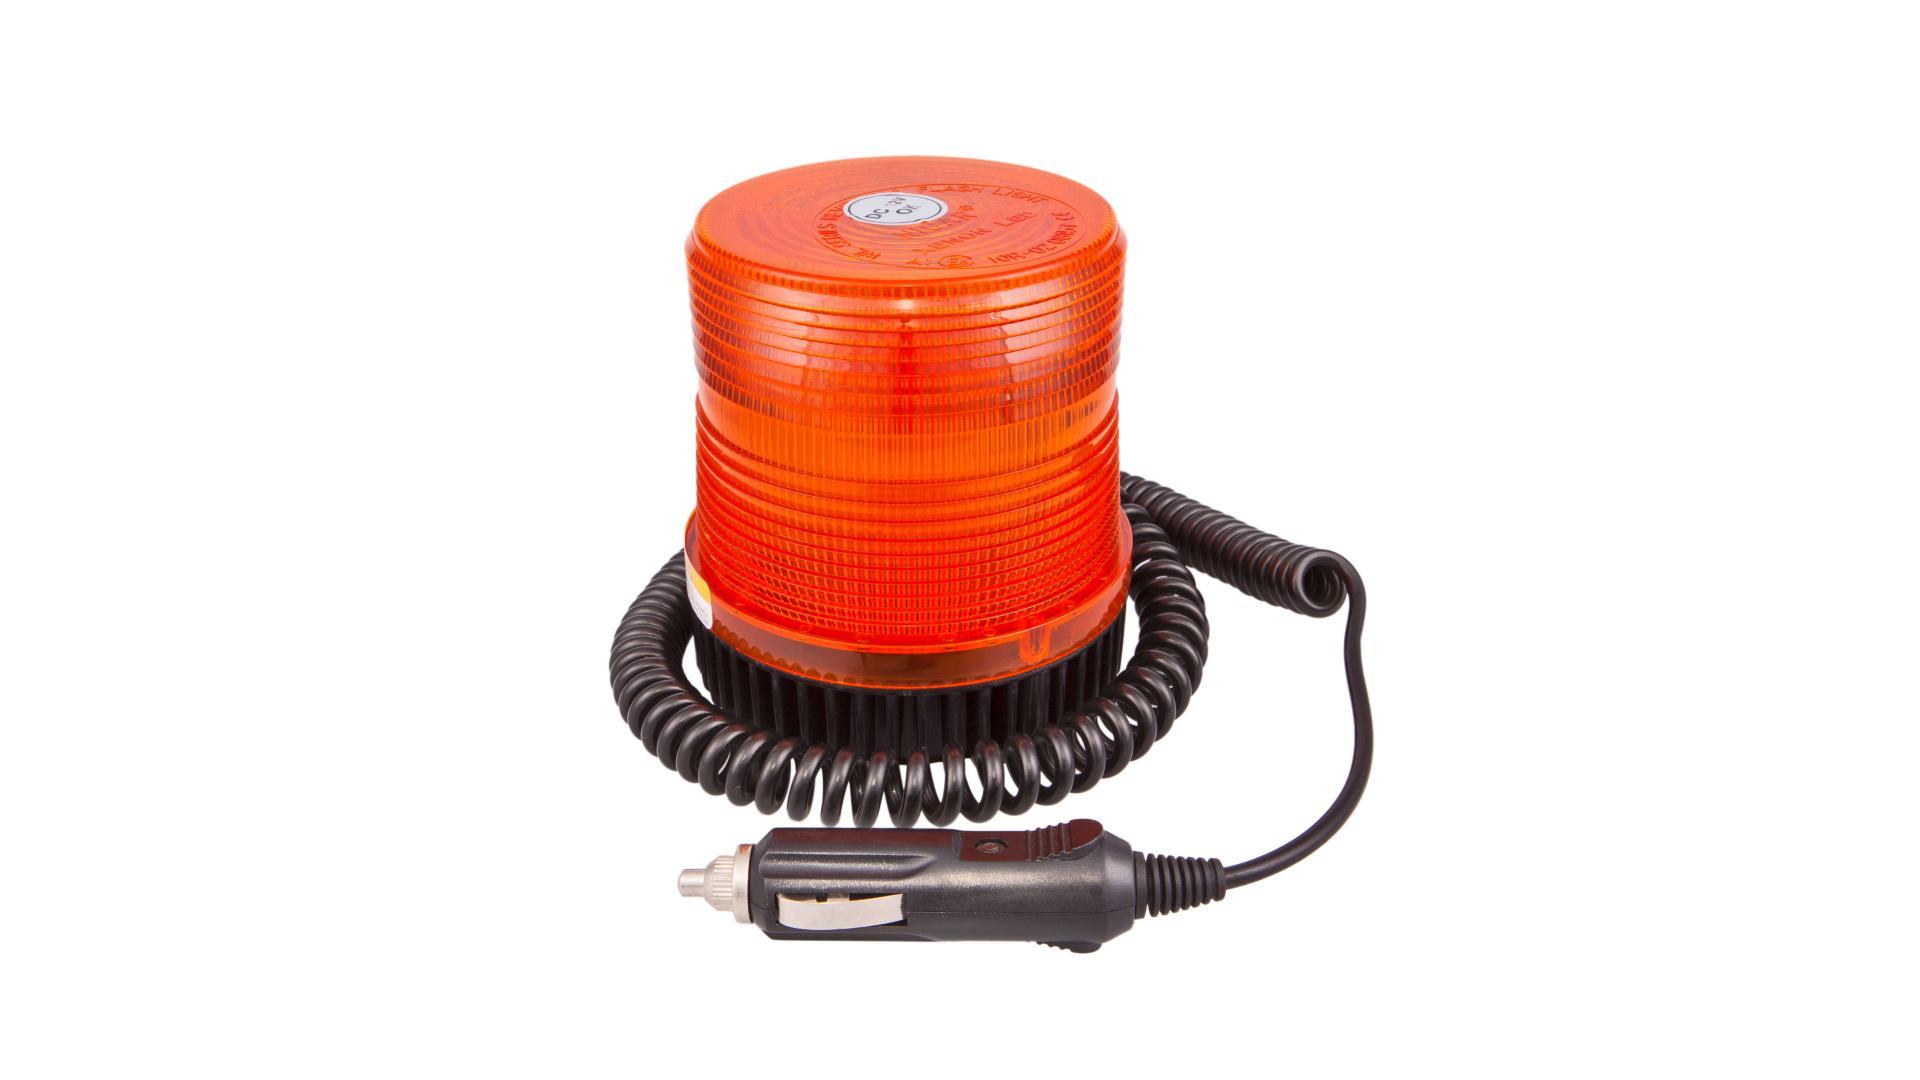 4CARS Vícefunkční výstražné světlo 12V č. 2